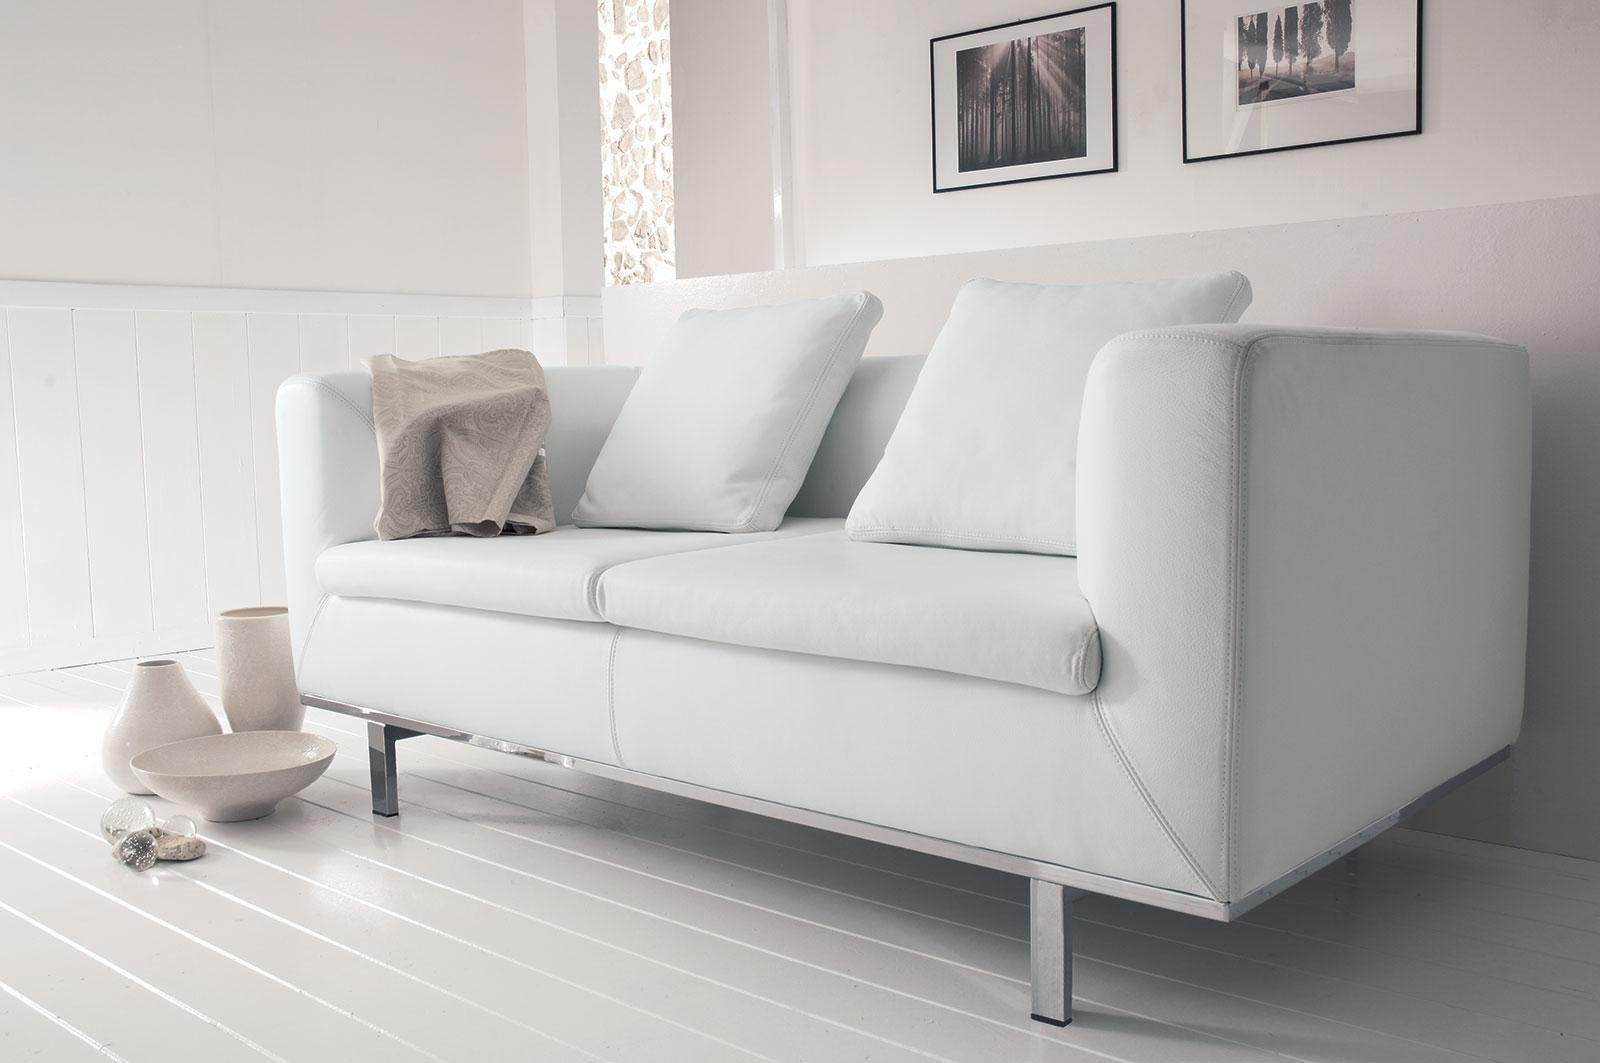 Miami 2 seater leather sofa